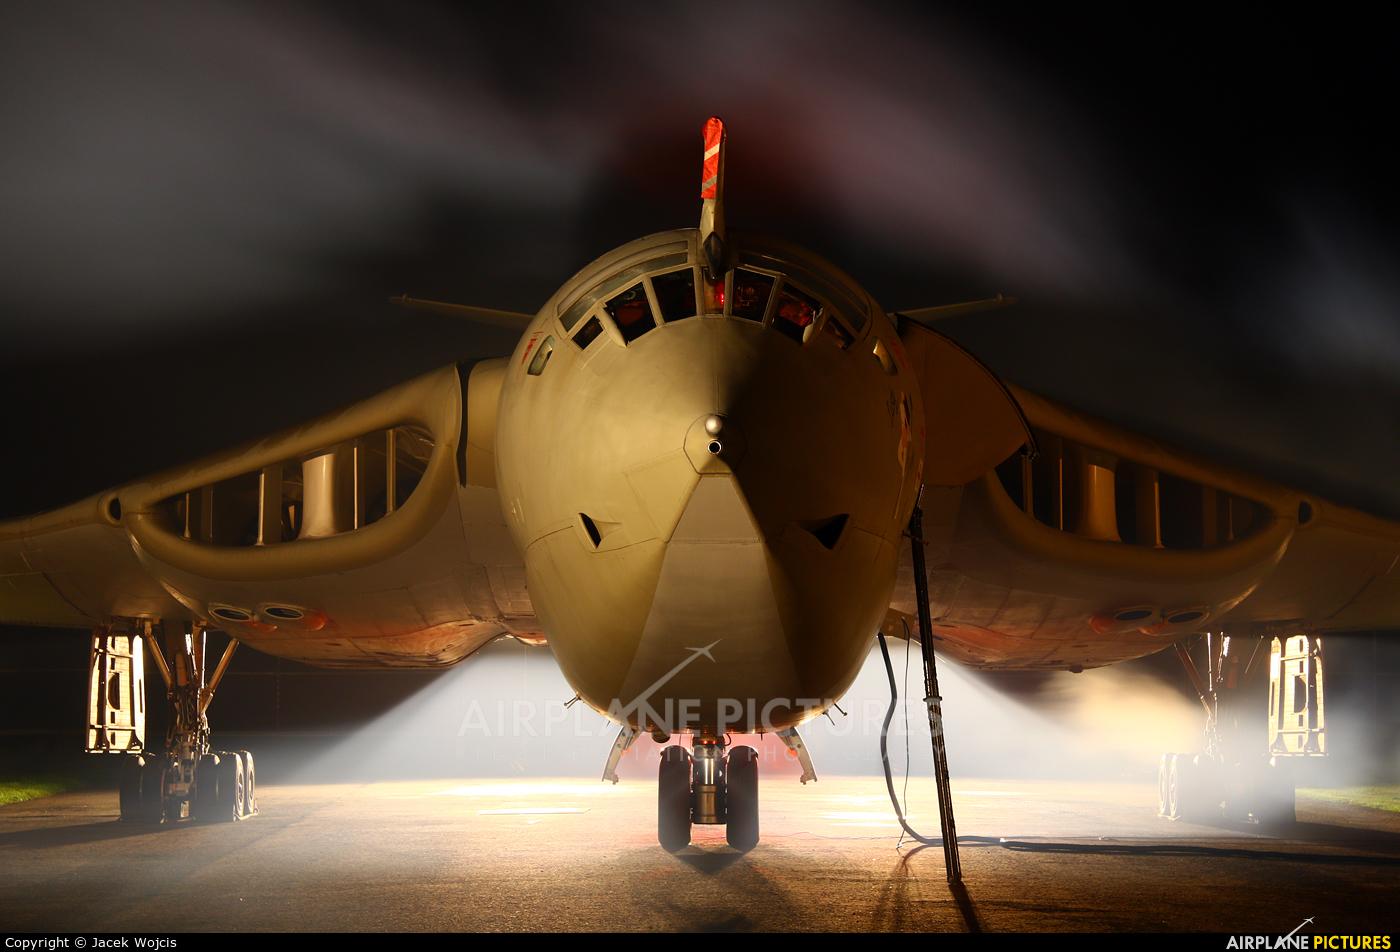 Royal Air Force XL231 aircraft at Elvington